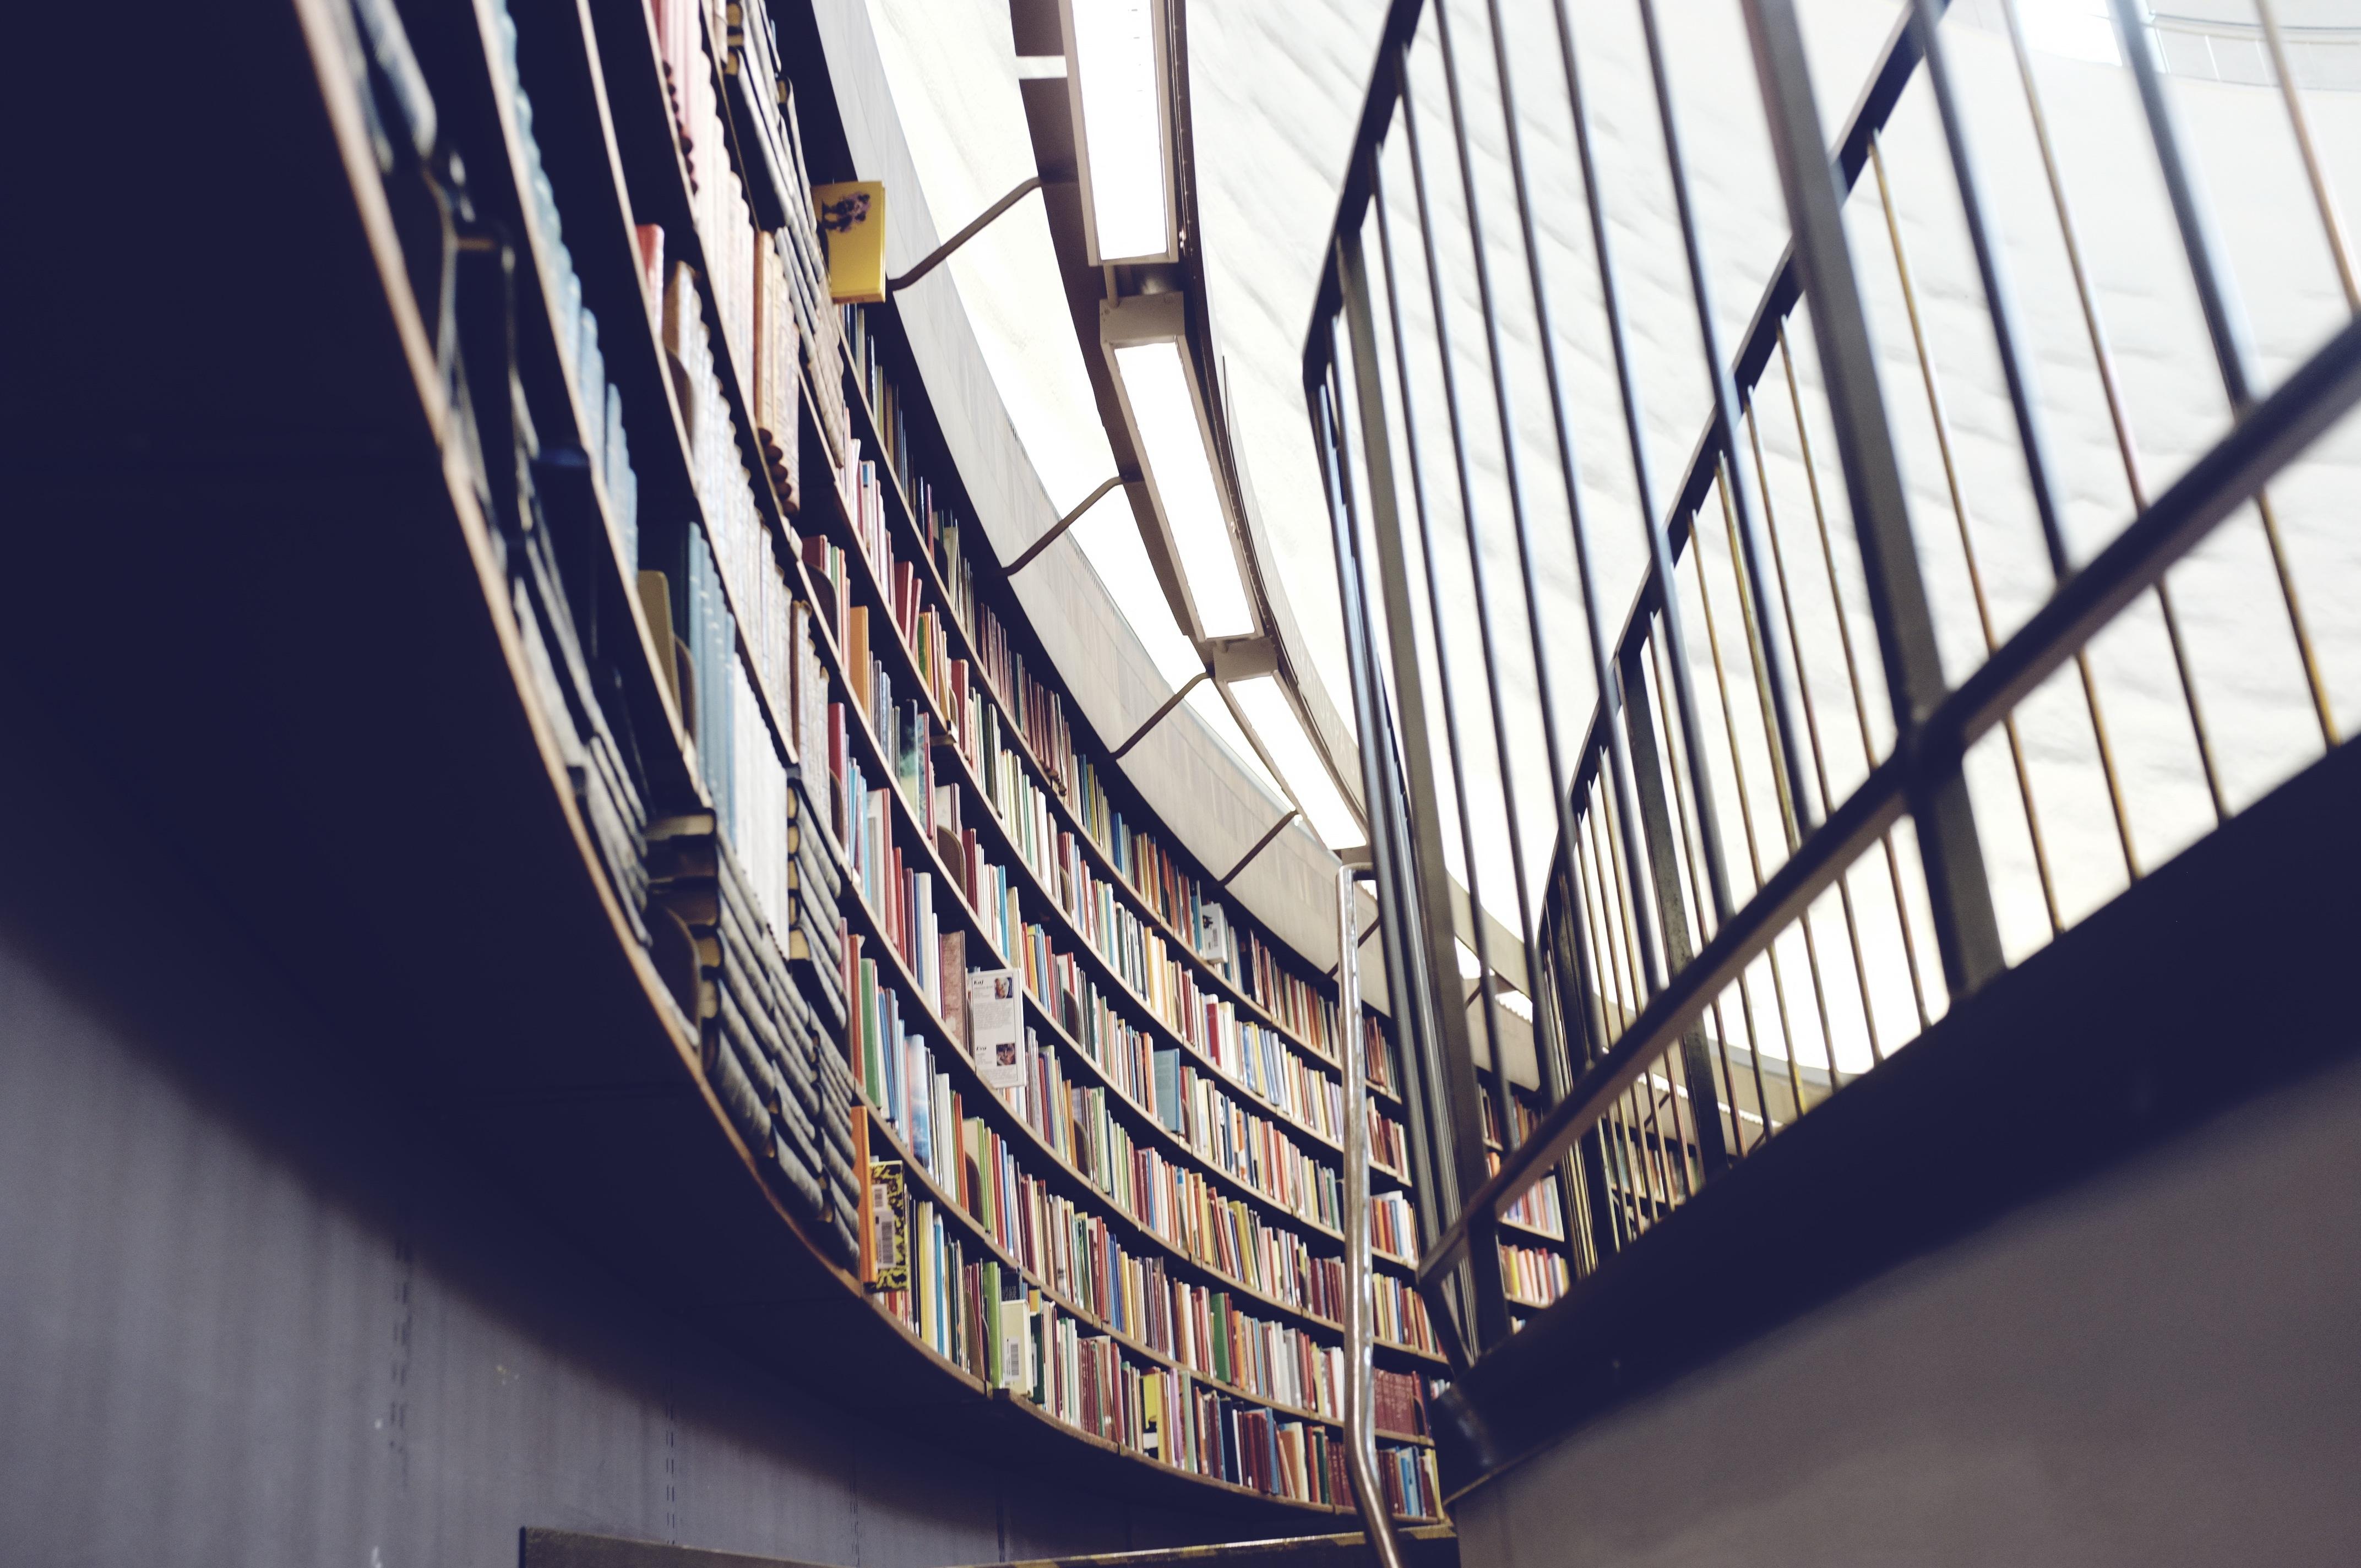 Forschungsdaten in Repositorien veröffentlichen